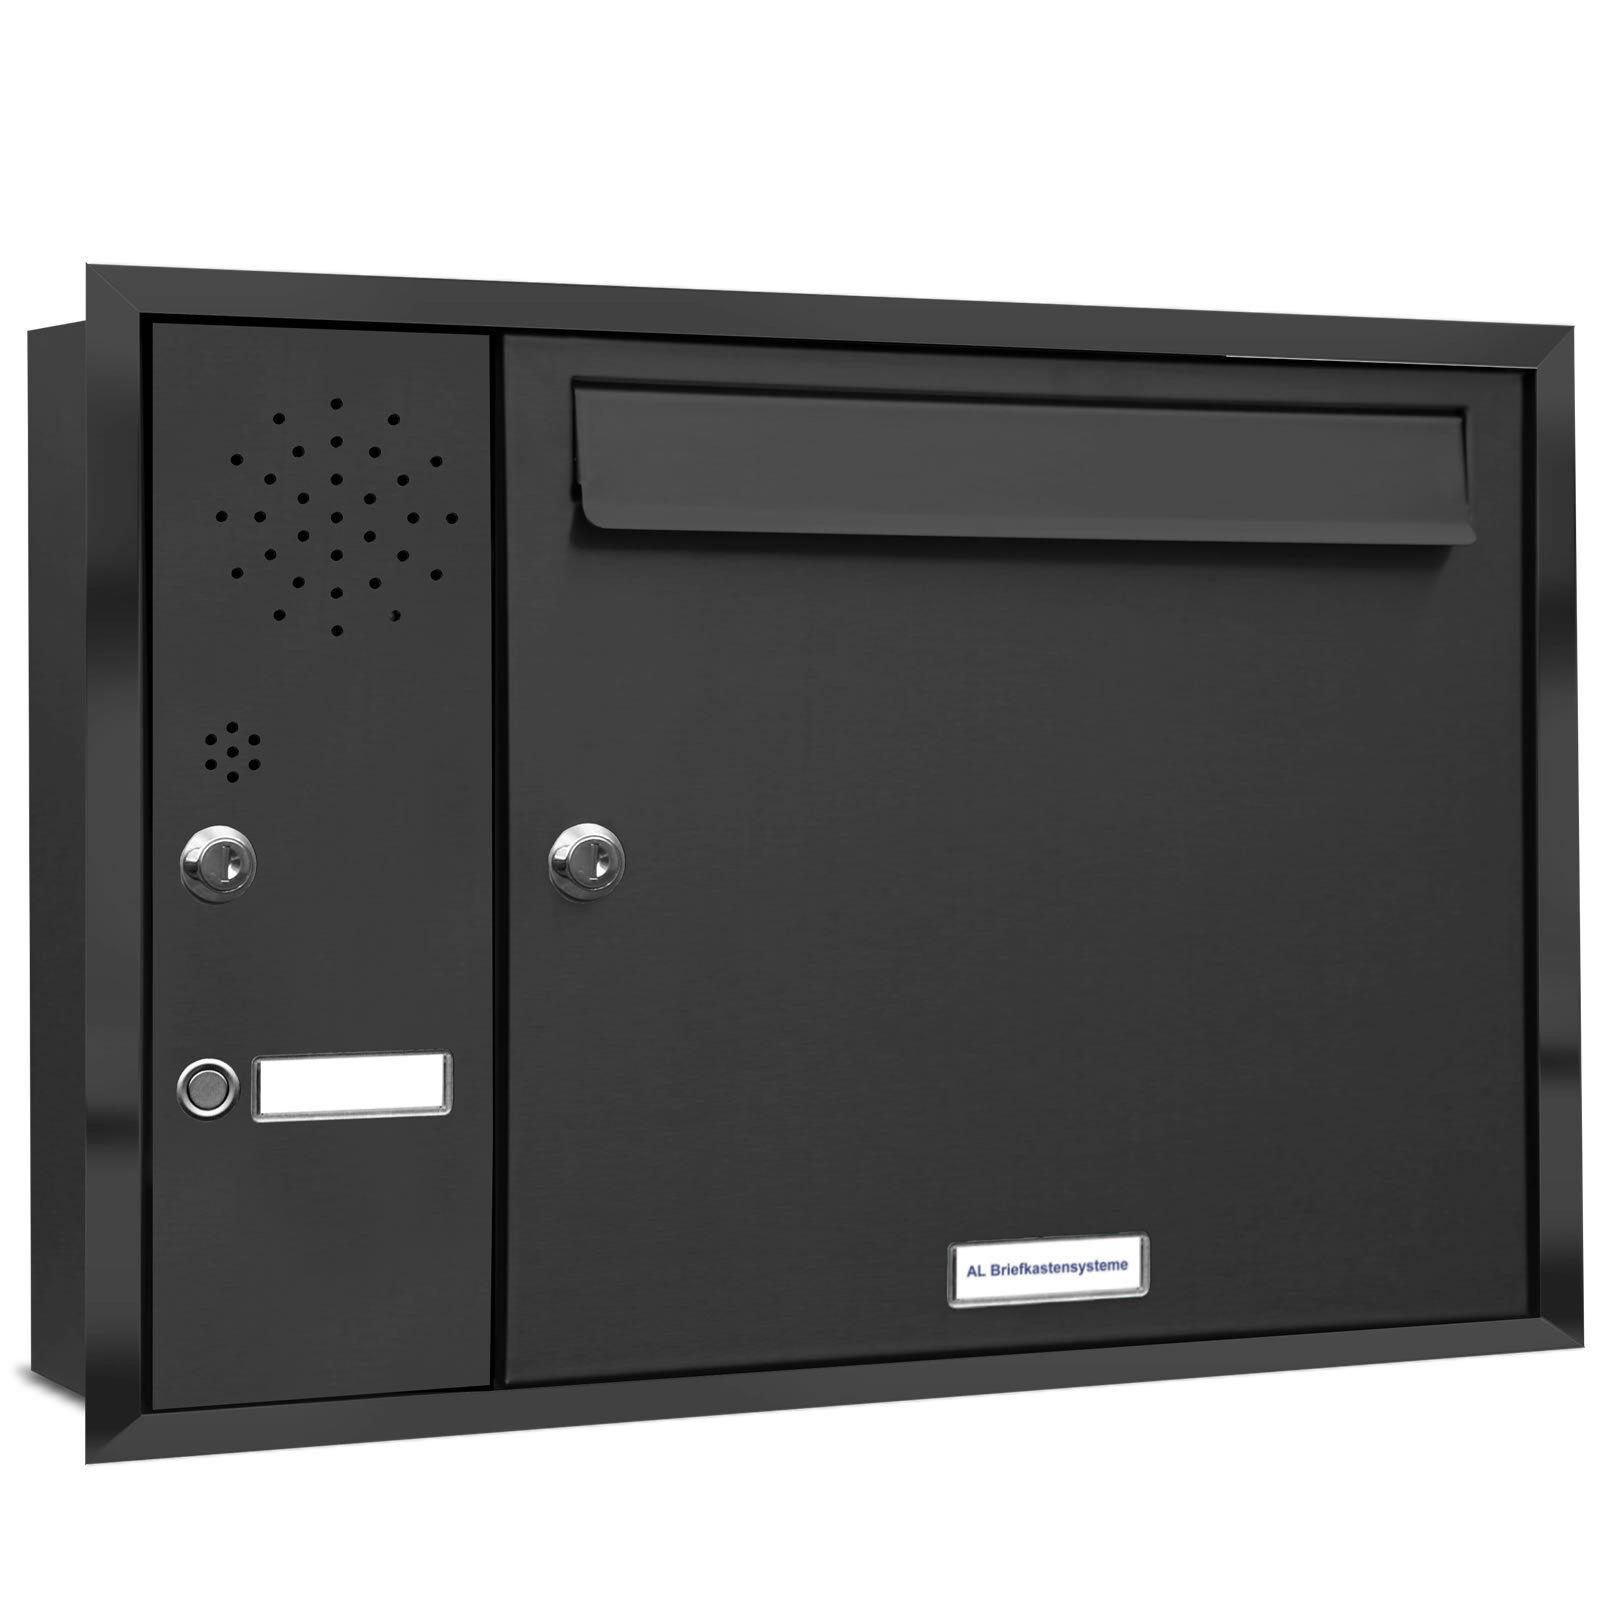 1 er Premium Briefkasten Unterputz Anthrazit mit Klingel Fach Postkasten A4